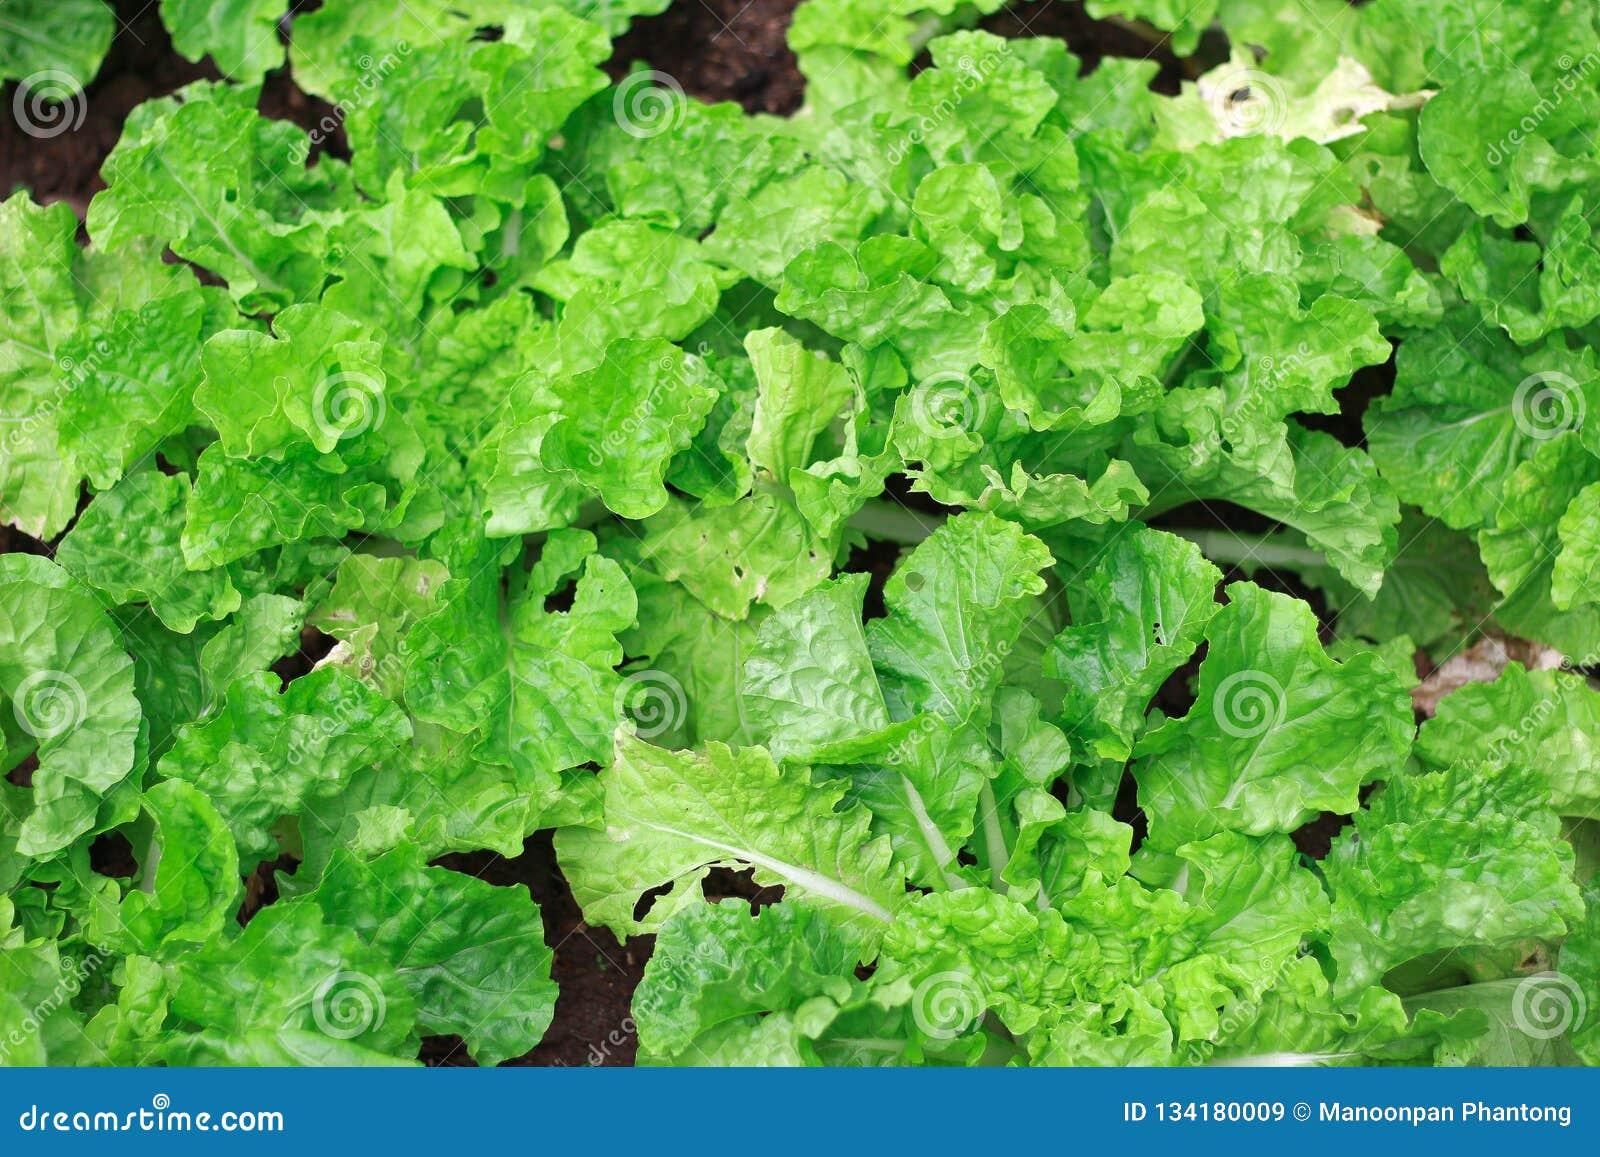 Green leaf lettuce, leaf background